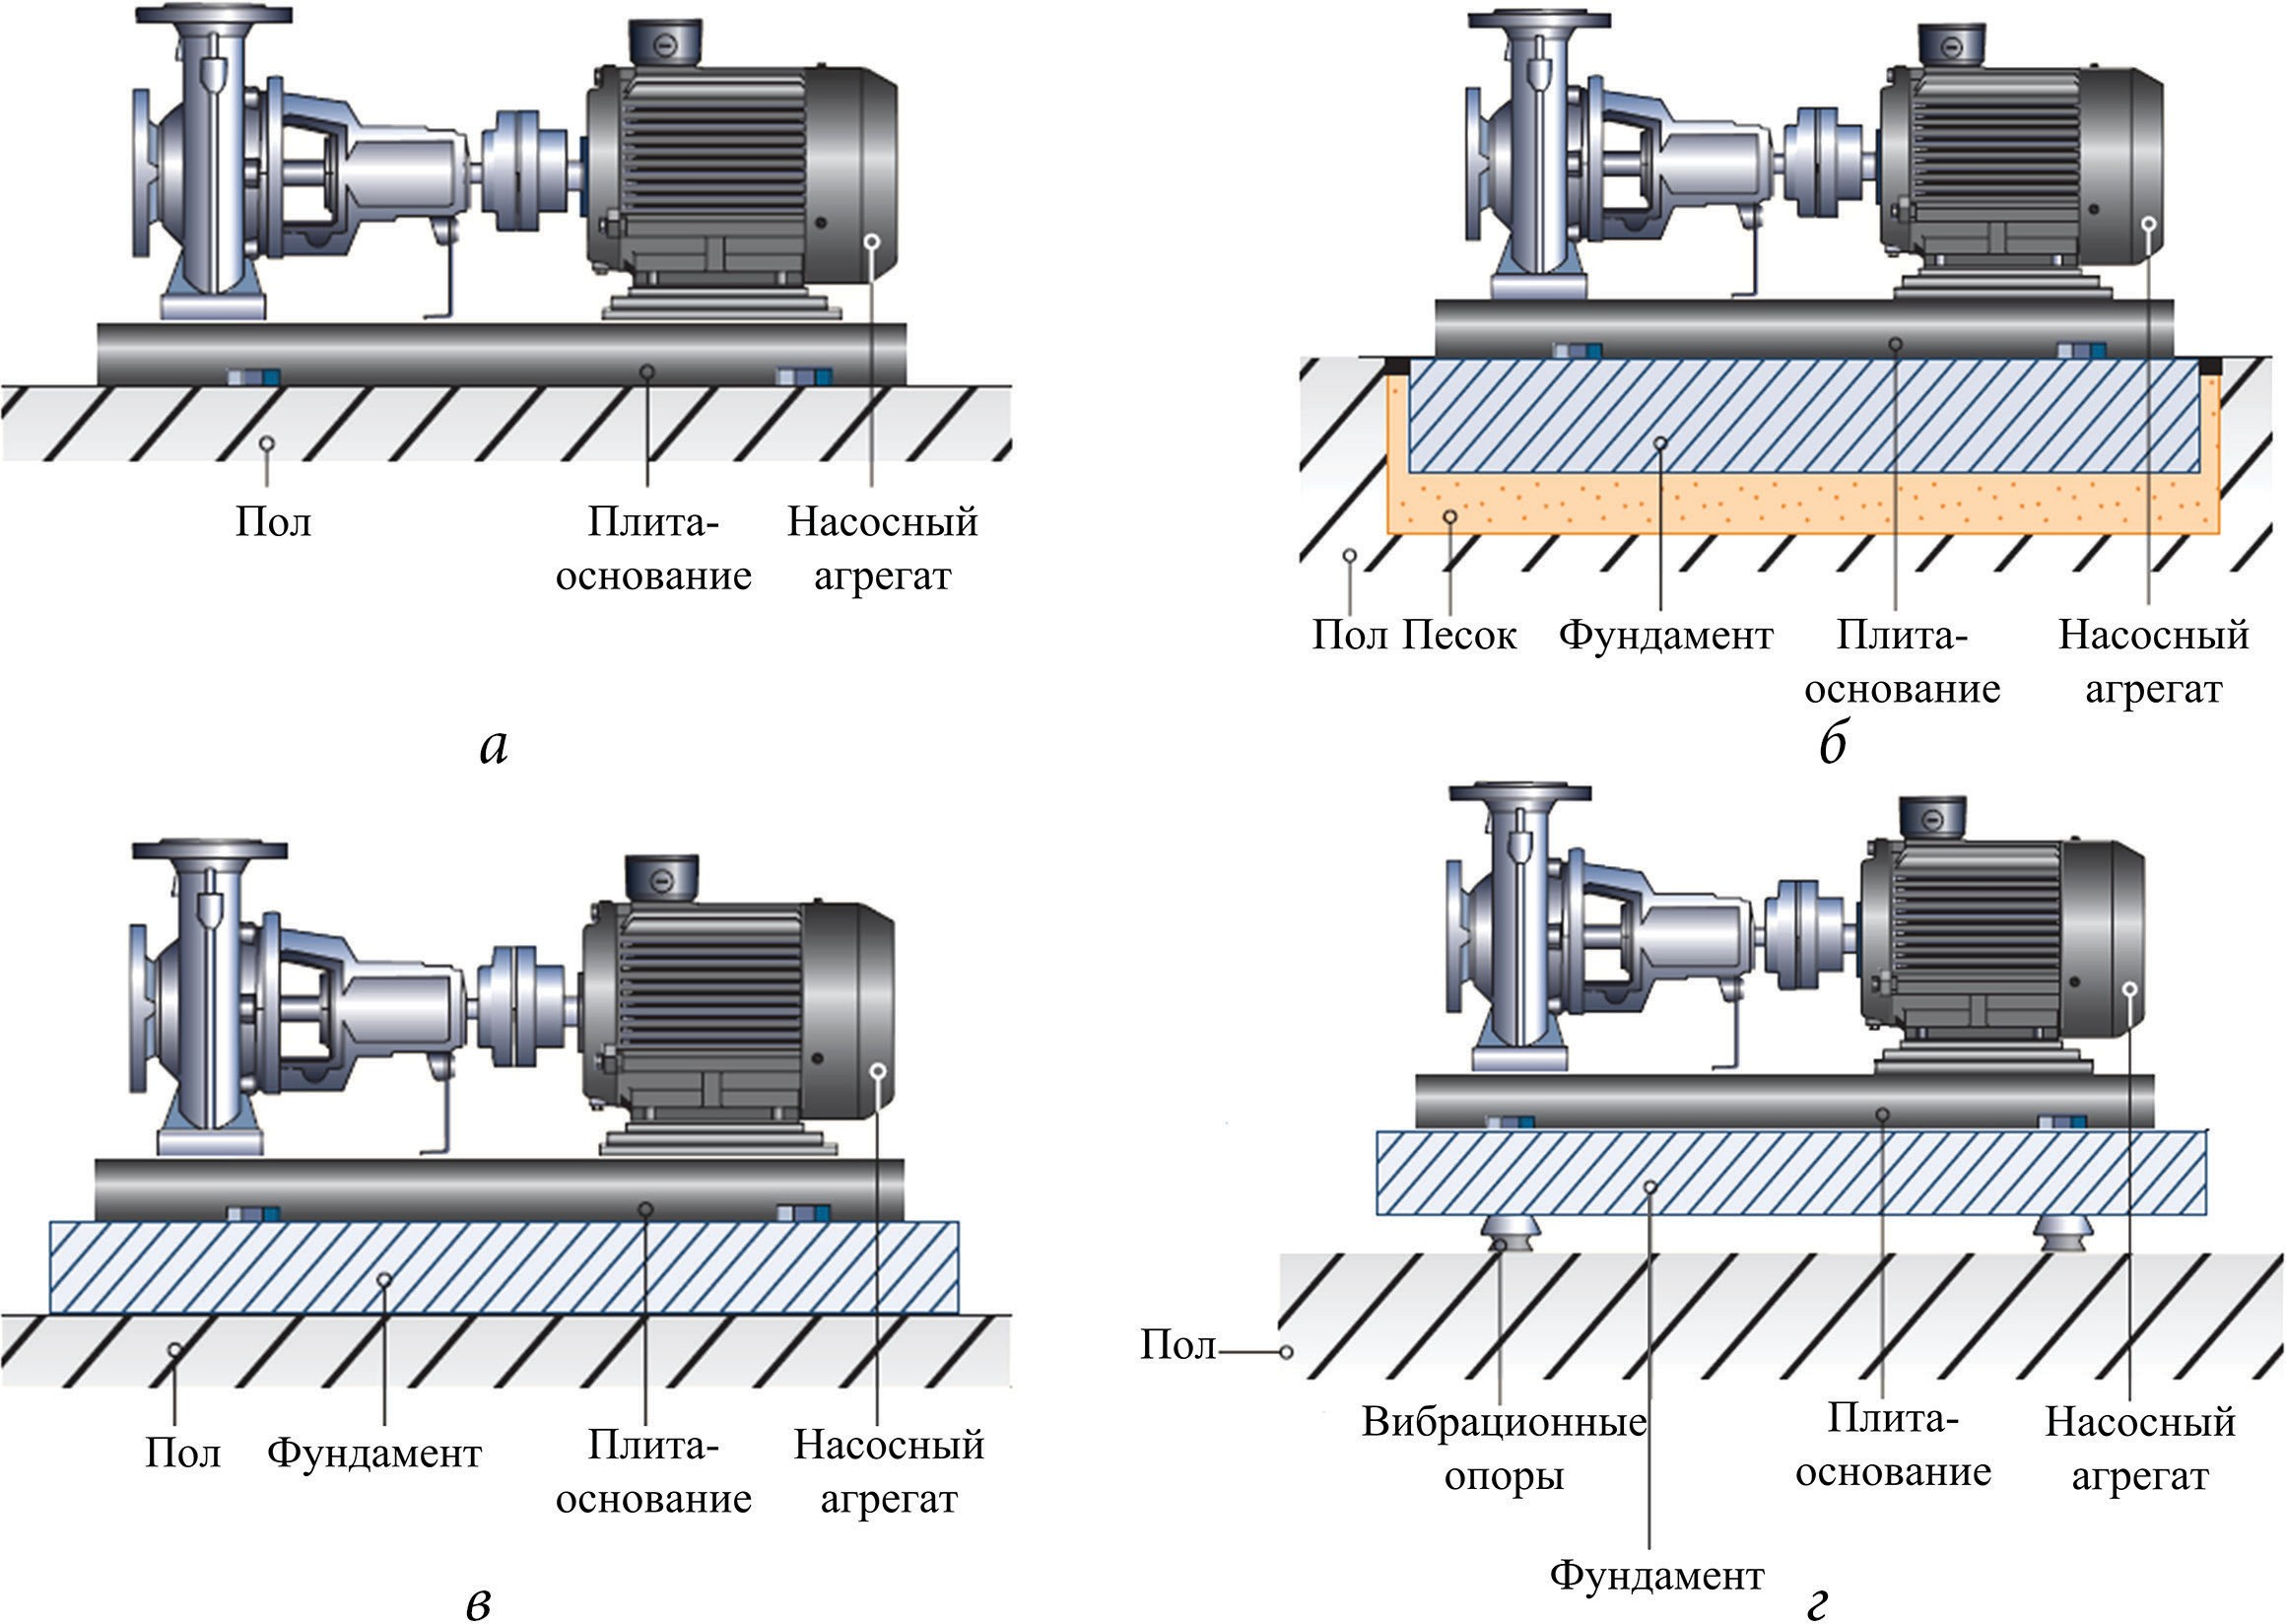 Пример рекомендаций по установке центробежных горизонтальных насосных агрегатов